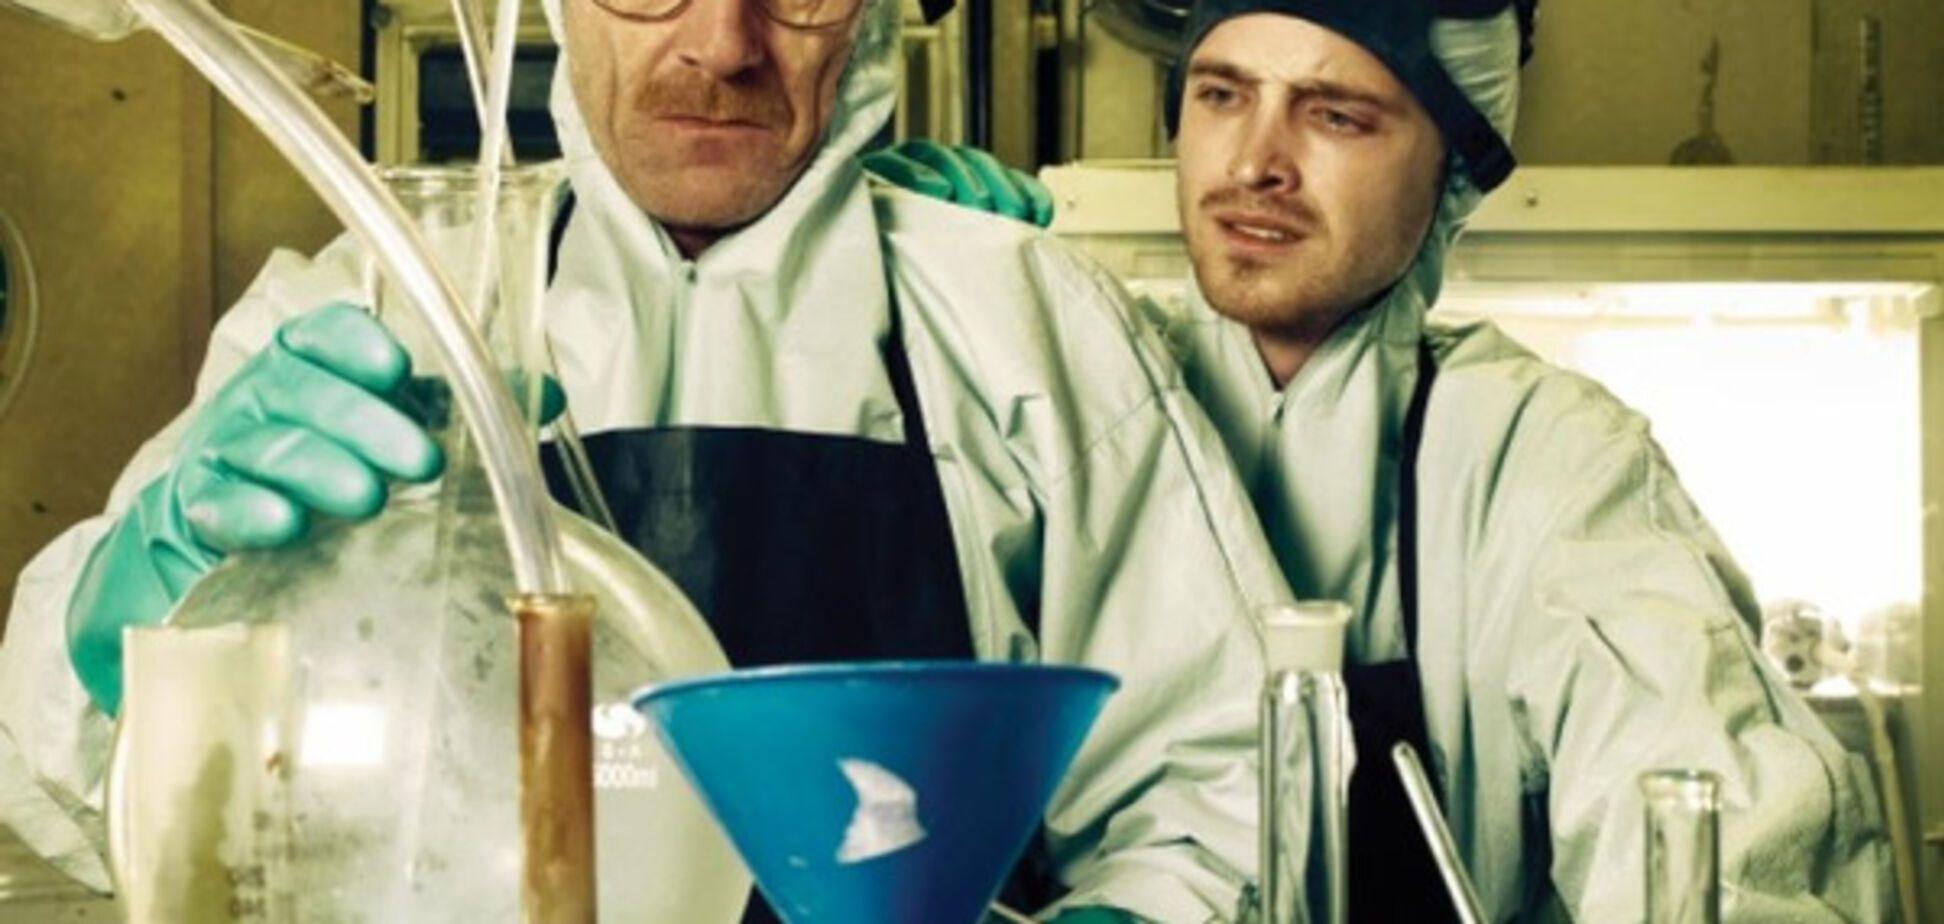 Во все тяжкие: в области работала целая лаборатория по производству 'фена' (ФОТО, ВИДЕО)